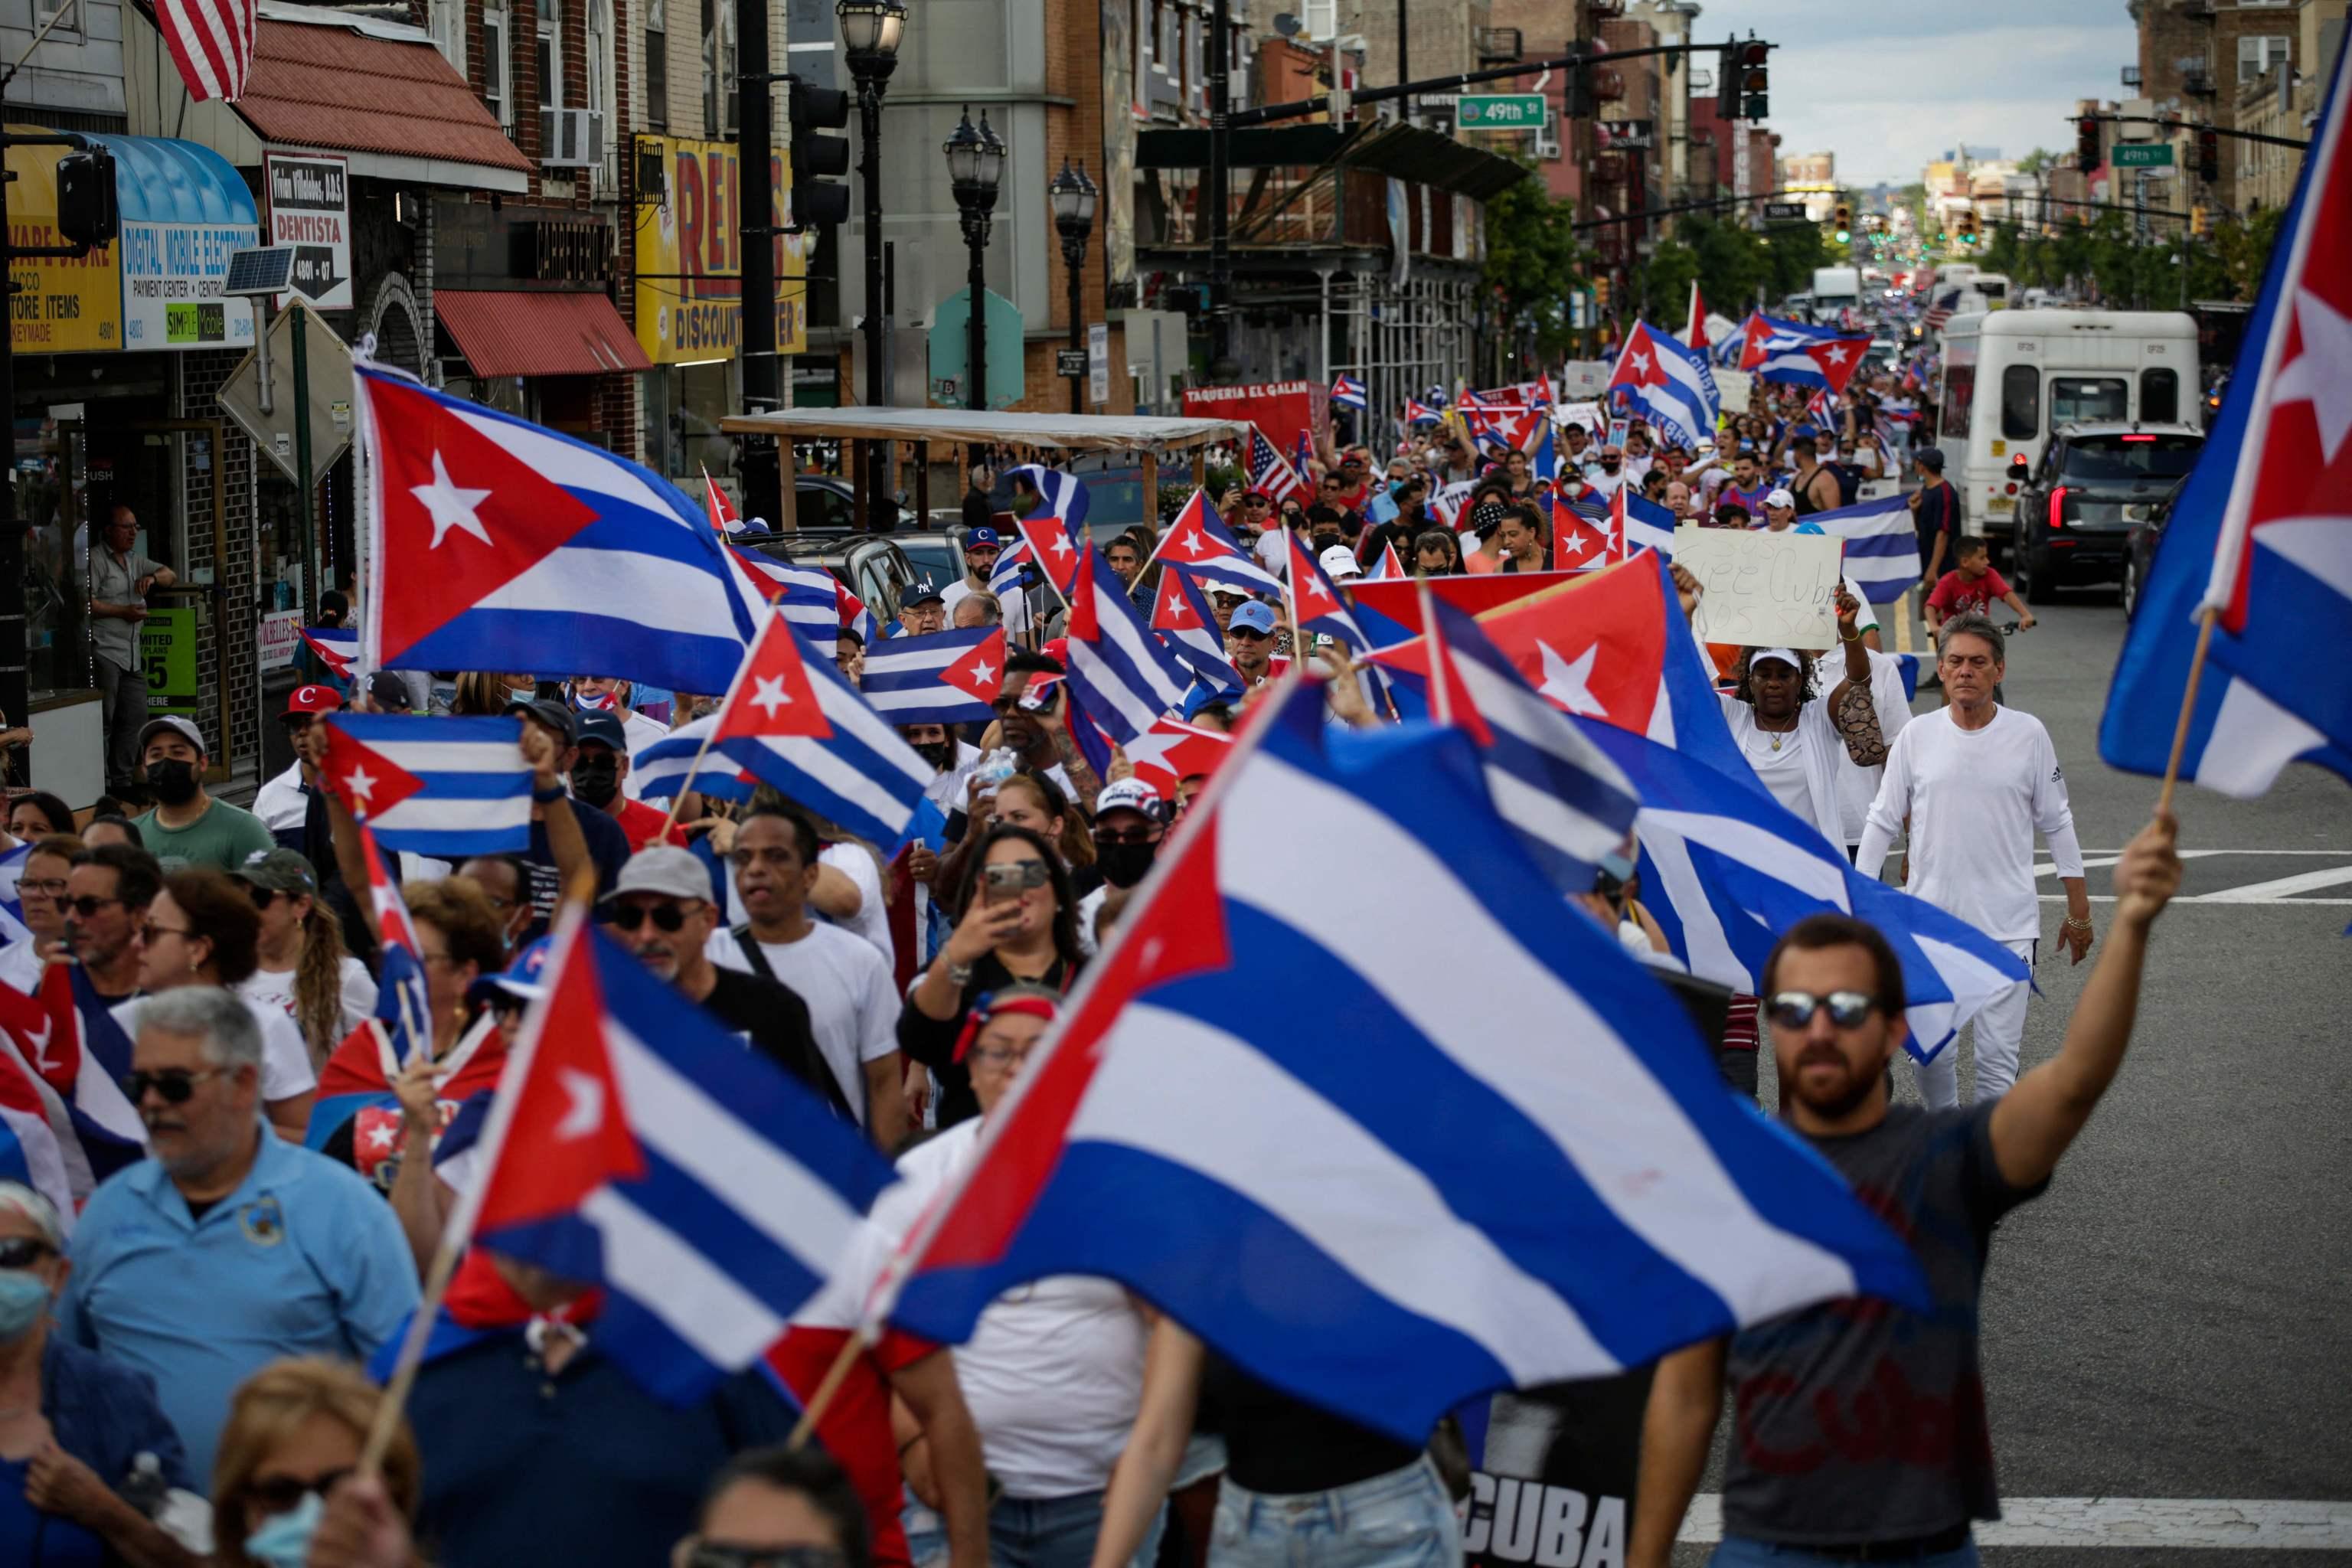 Protesta en apoyo a los cubanos que se manifiestan contra el gobierno, en Nueva Jersey.